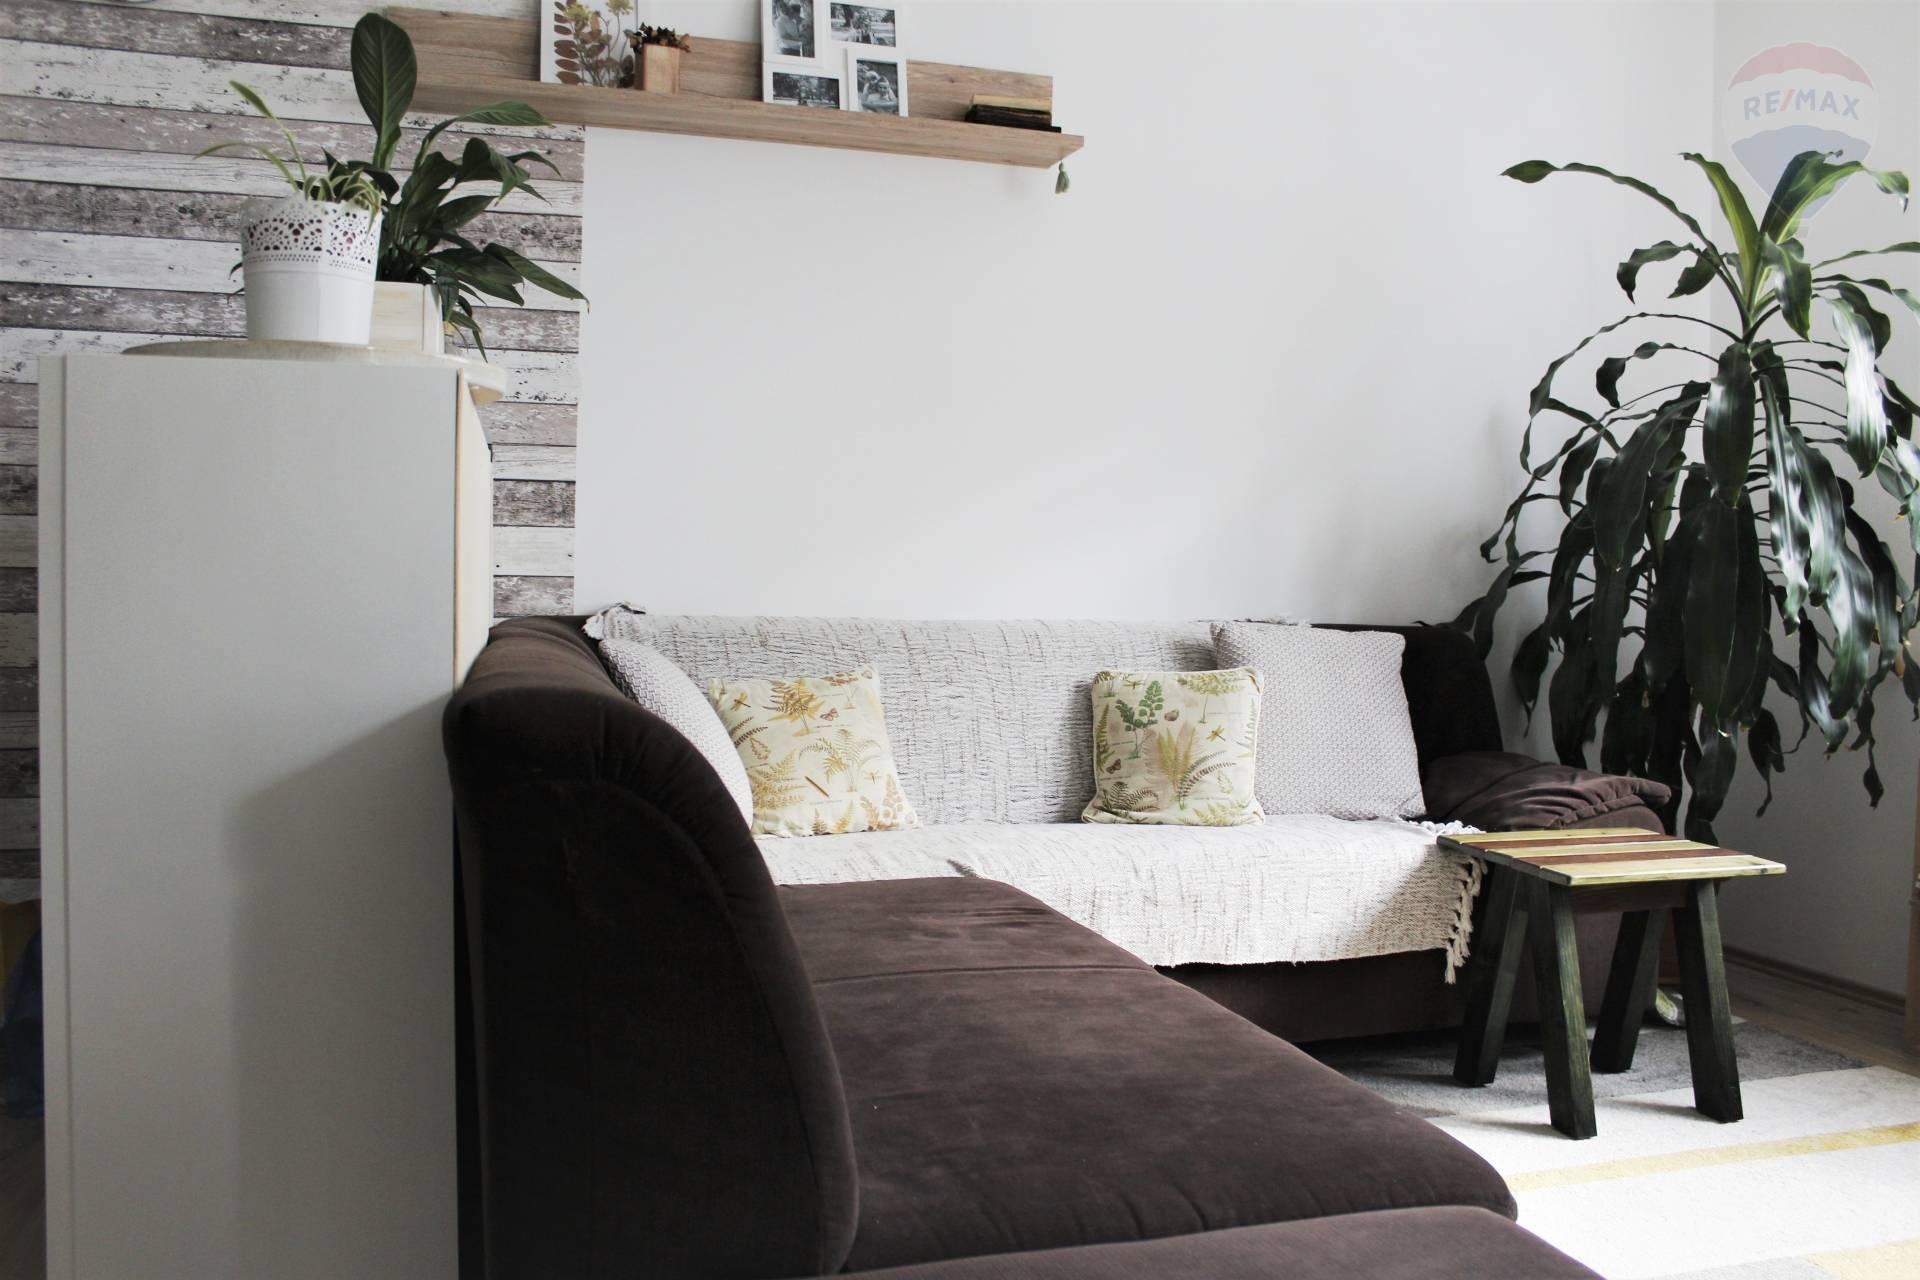 Prenájom, 3-izbový byt v novostavbe v Rajke s Balkónom, kompletne zariadený